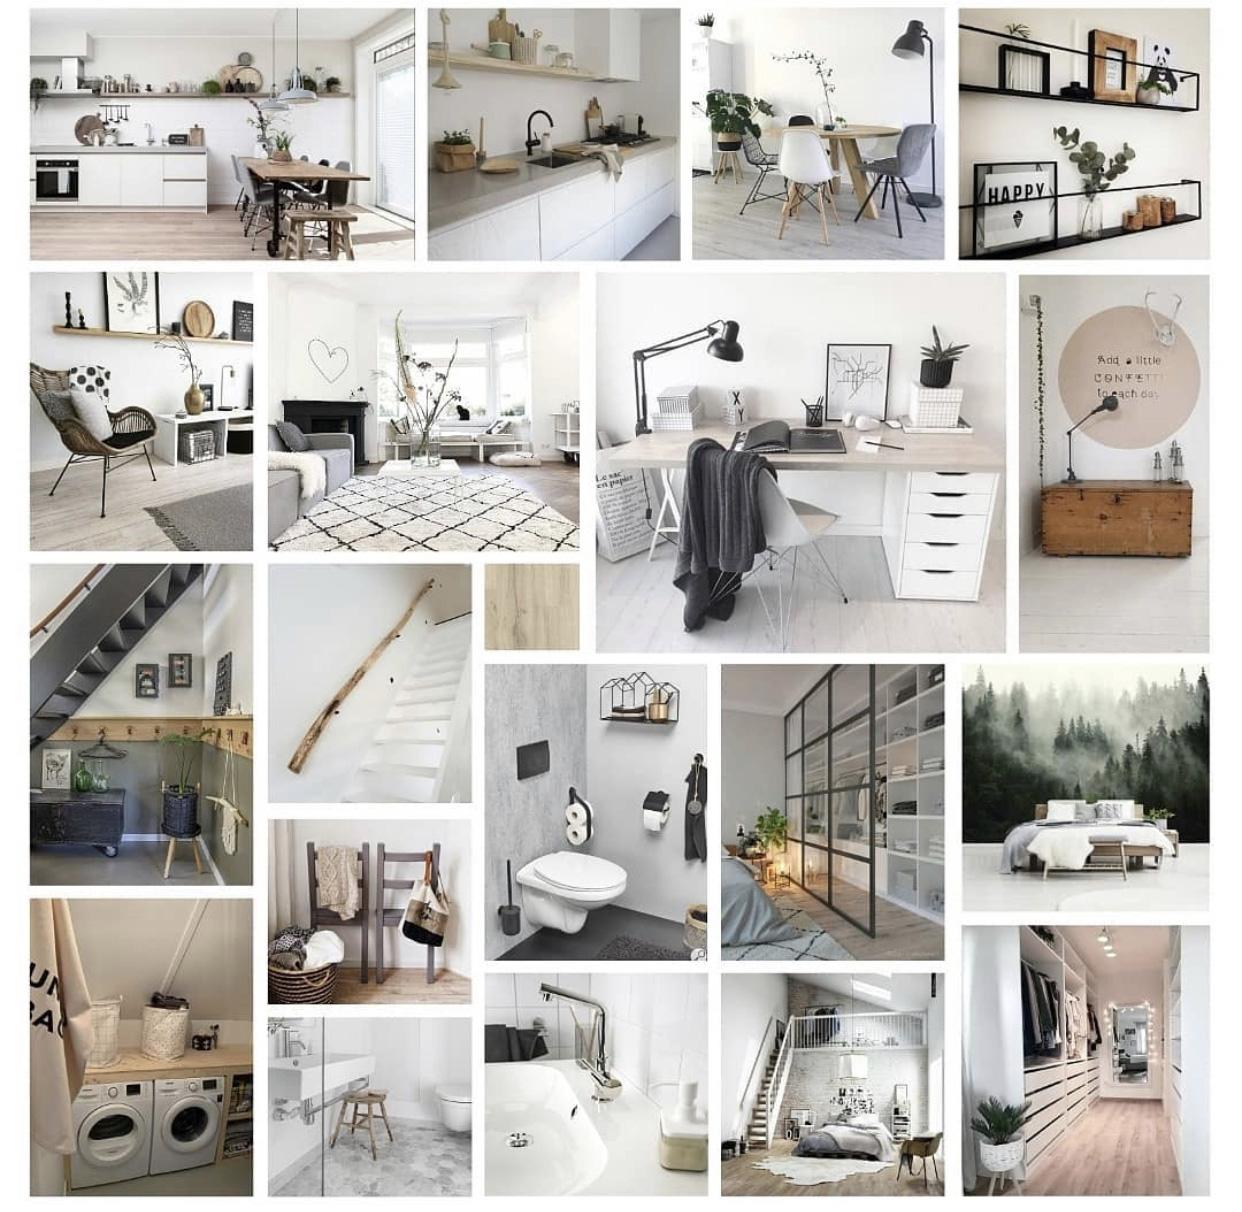 Cursus-interieurstyling-kleuren-combineren-interieurplan-verlichtingplan-inrichten-woonkamer-woonstijlen